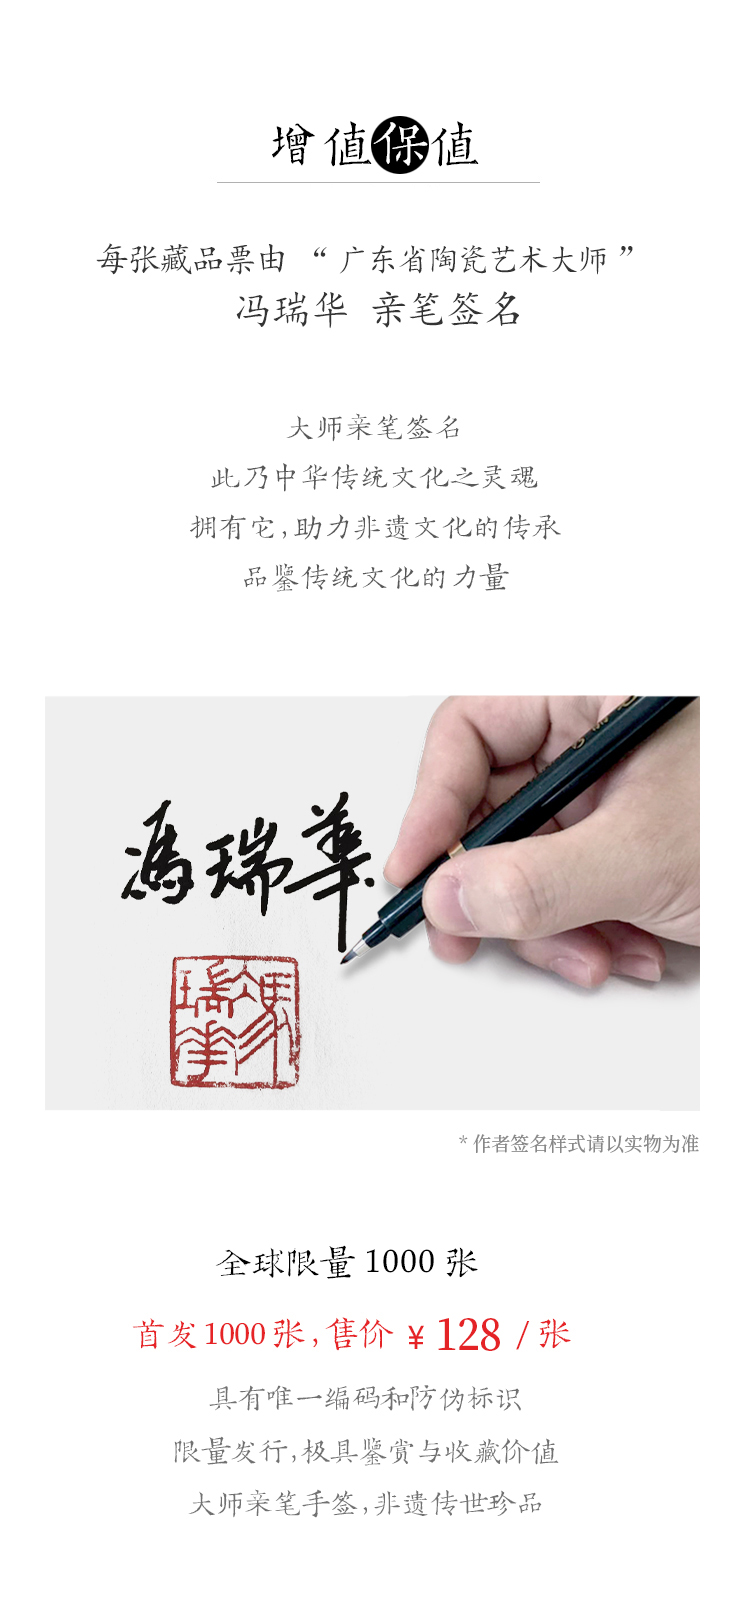 旧西关风情之和煦锦绣_02.jpg